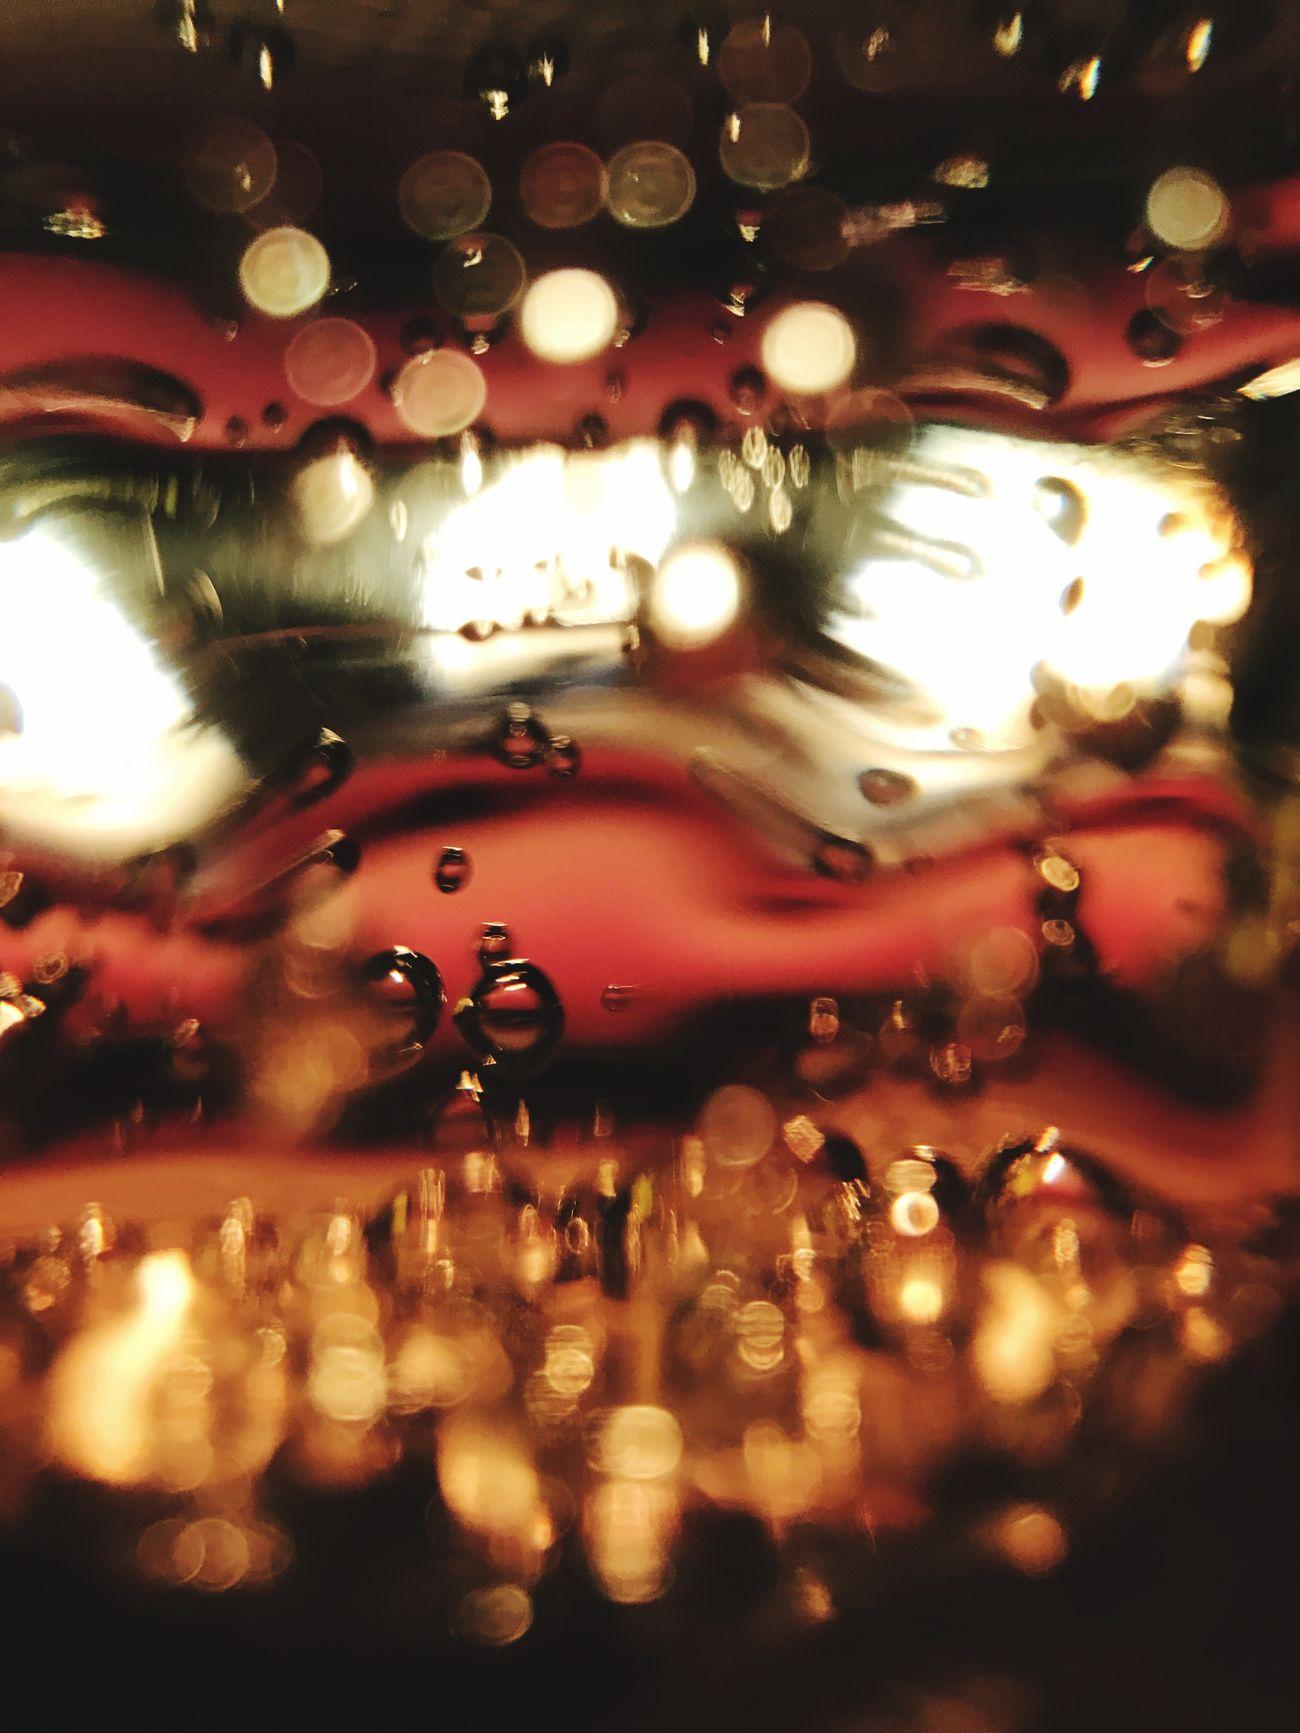 物 Illuminated Lighting Equipment Close-up Drink Motion Indoors  No People Night